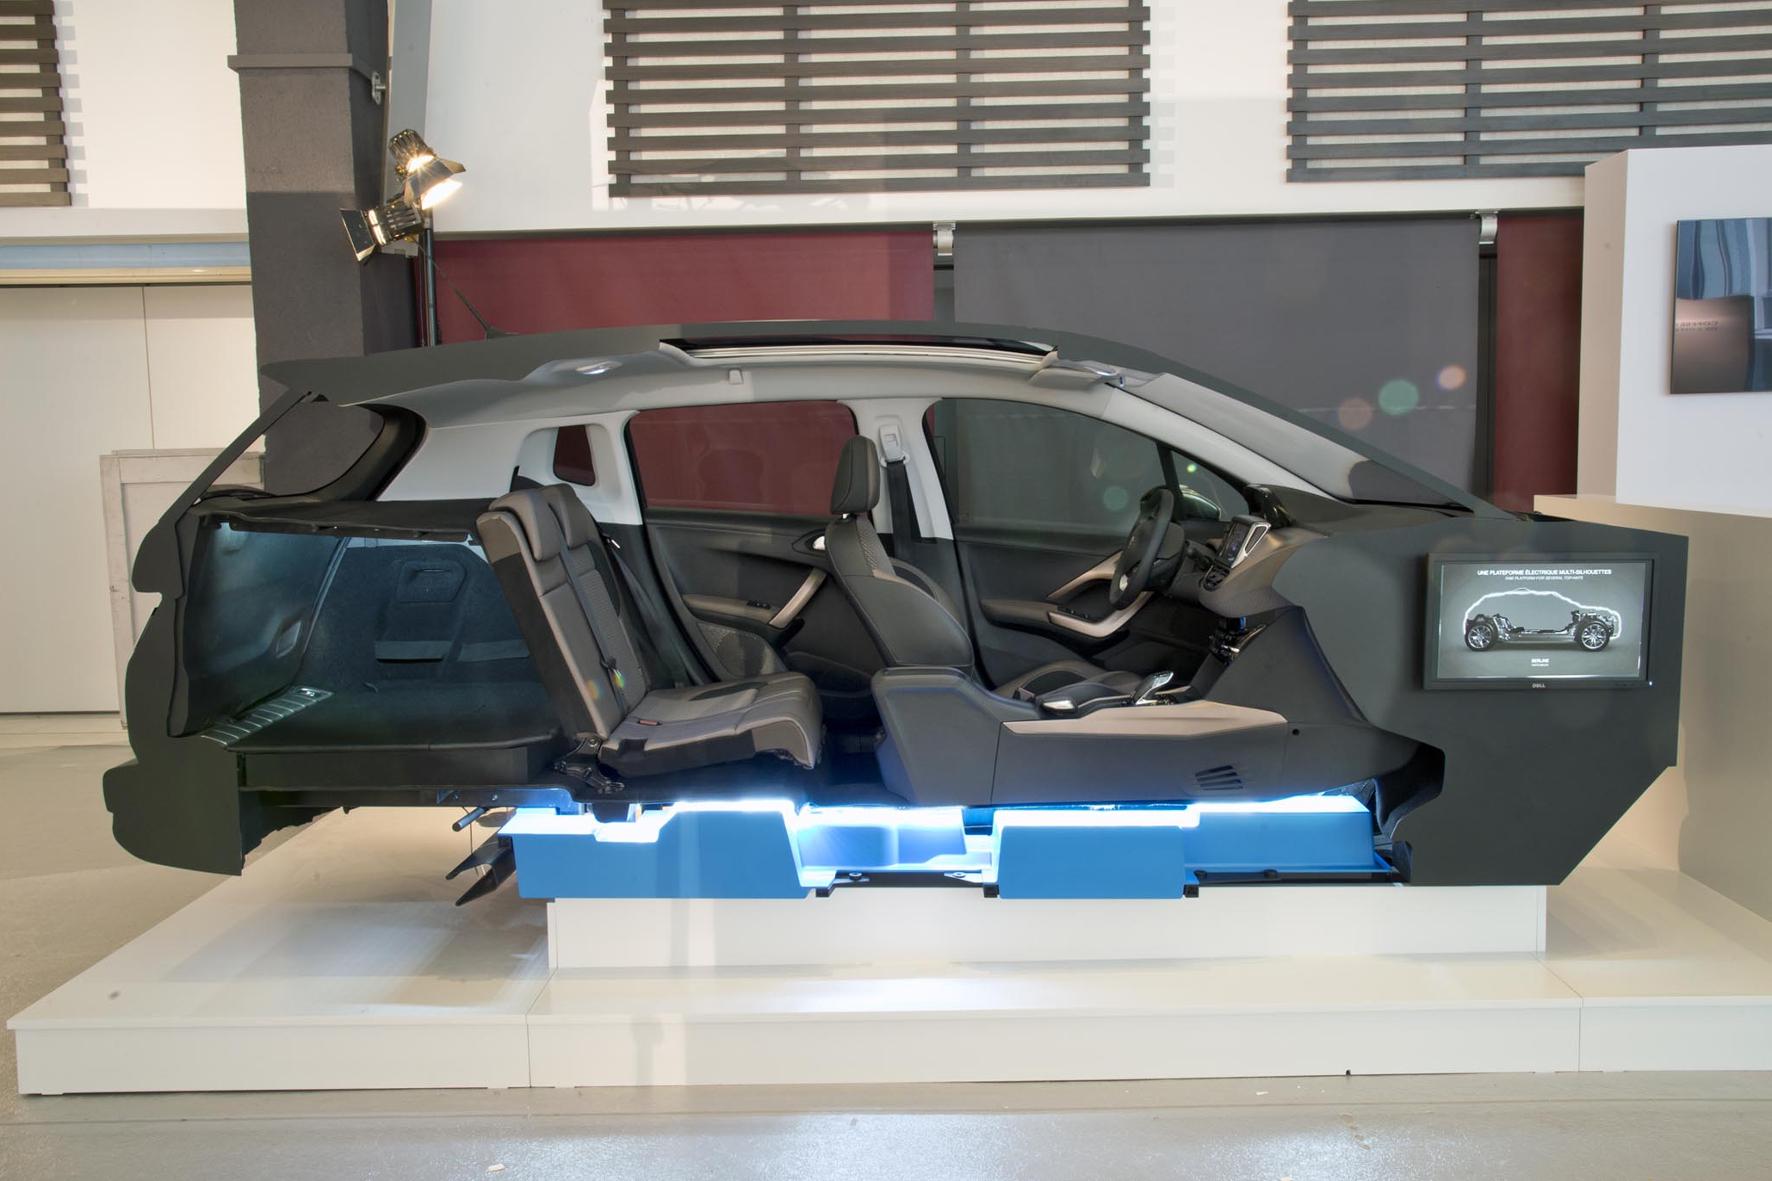 mid Groß-Gerau - Neue Plattformen für Plug-in-Hybride und Elektrofahrzeuge: Peugeot, Citroen und DS rechnen mit Technologie-Fortschritt.